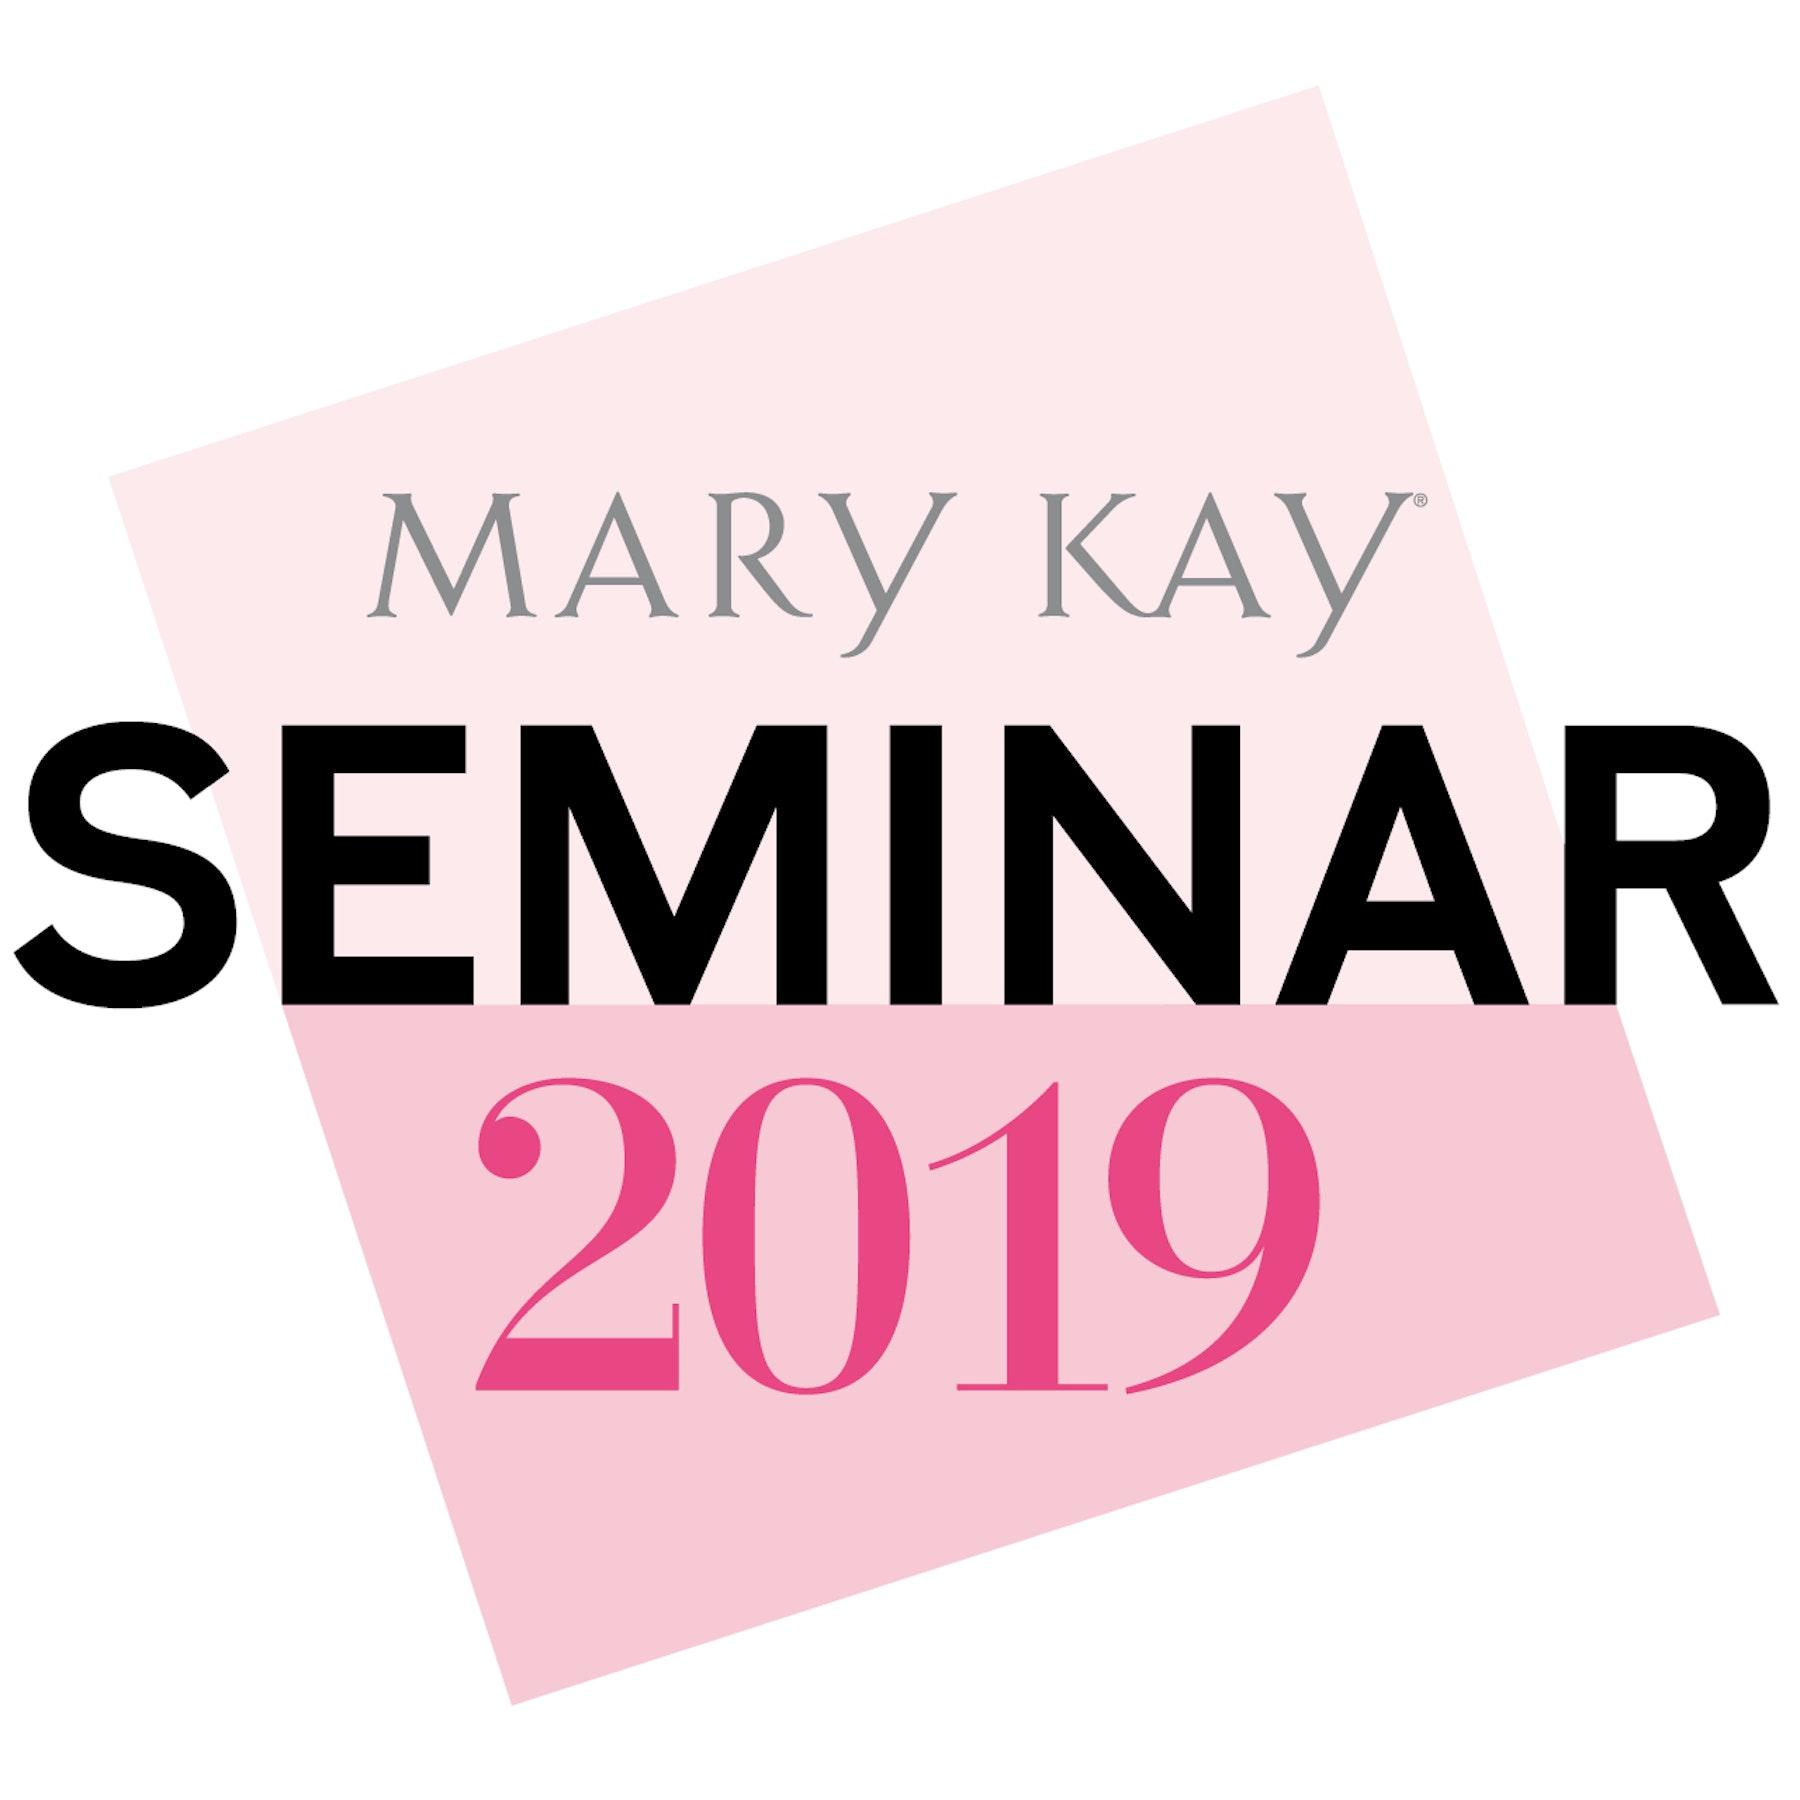 Mary Kay Seminar 2019 Logo